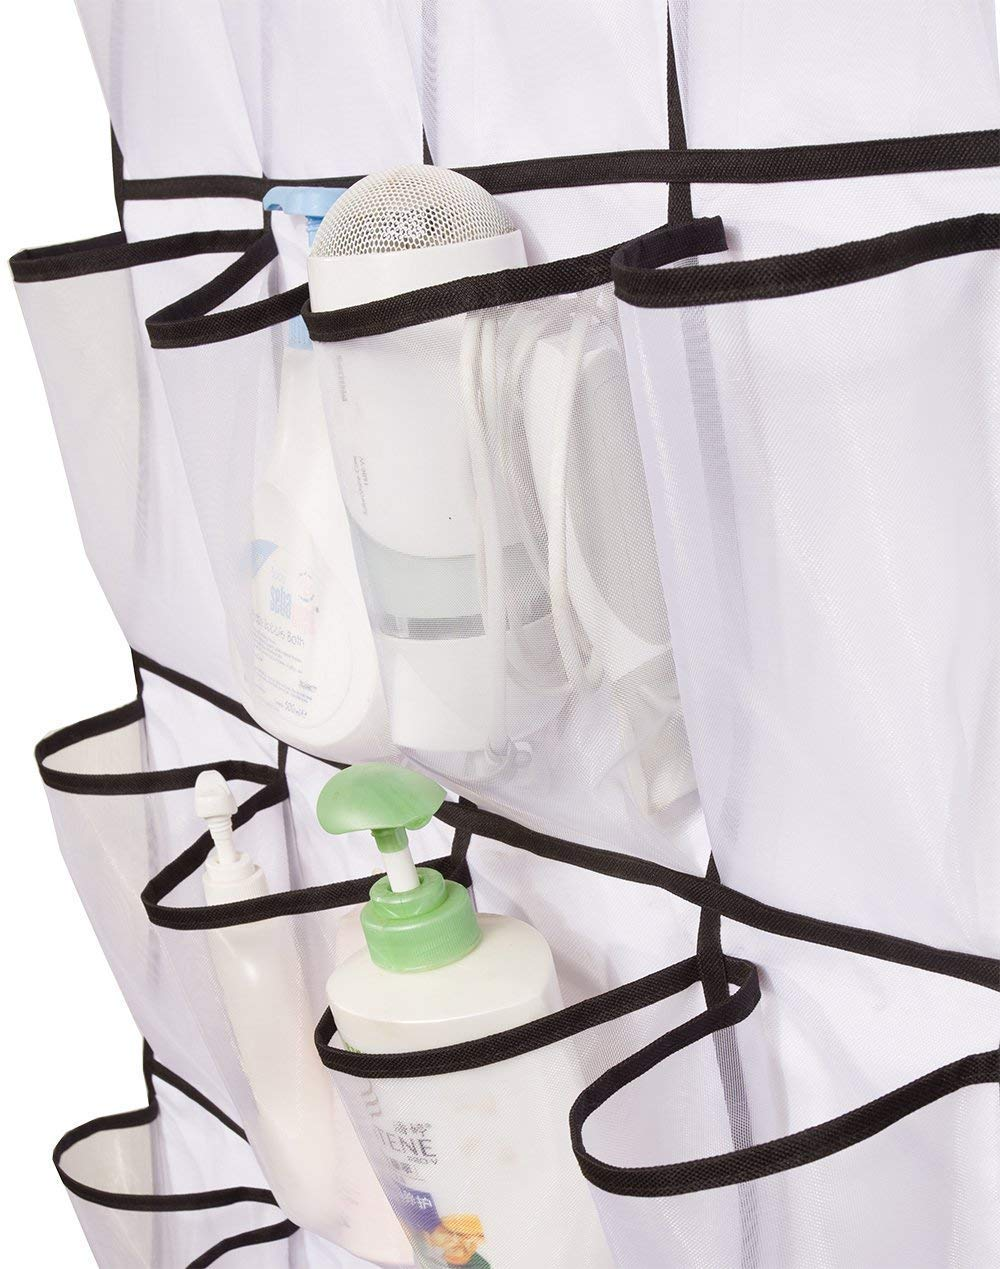 color blanco Tebery 24/grandes bolsillos de malla para colgar sobre la puerta organizador de zapatos con 4/ganchos sobre la puerta de acero